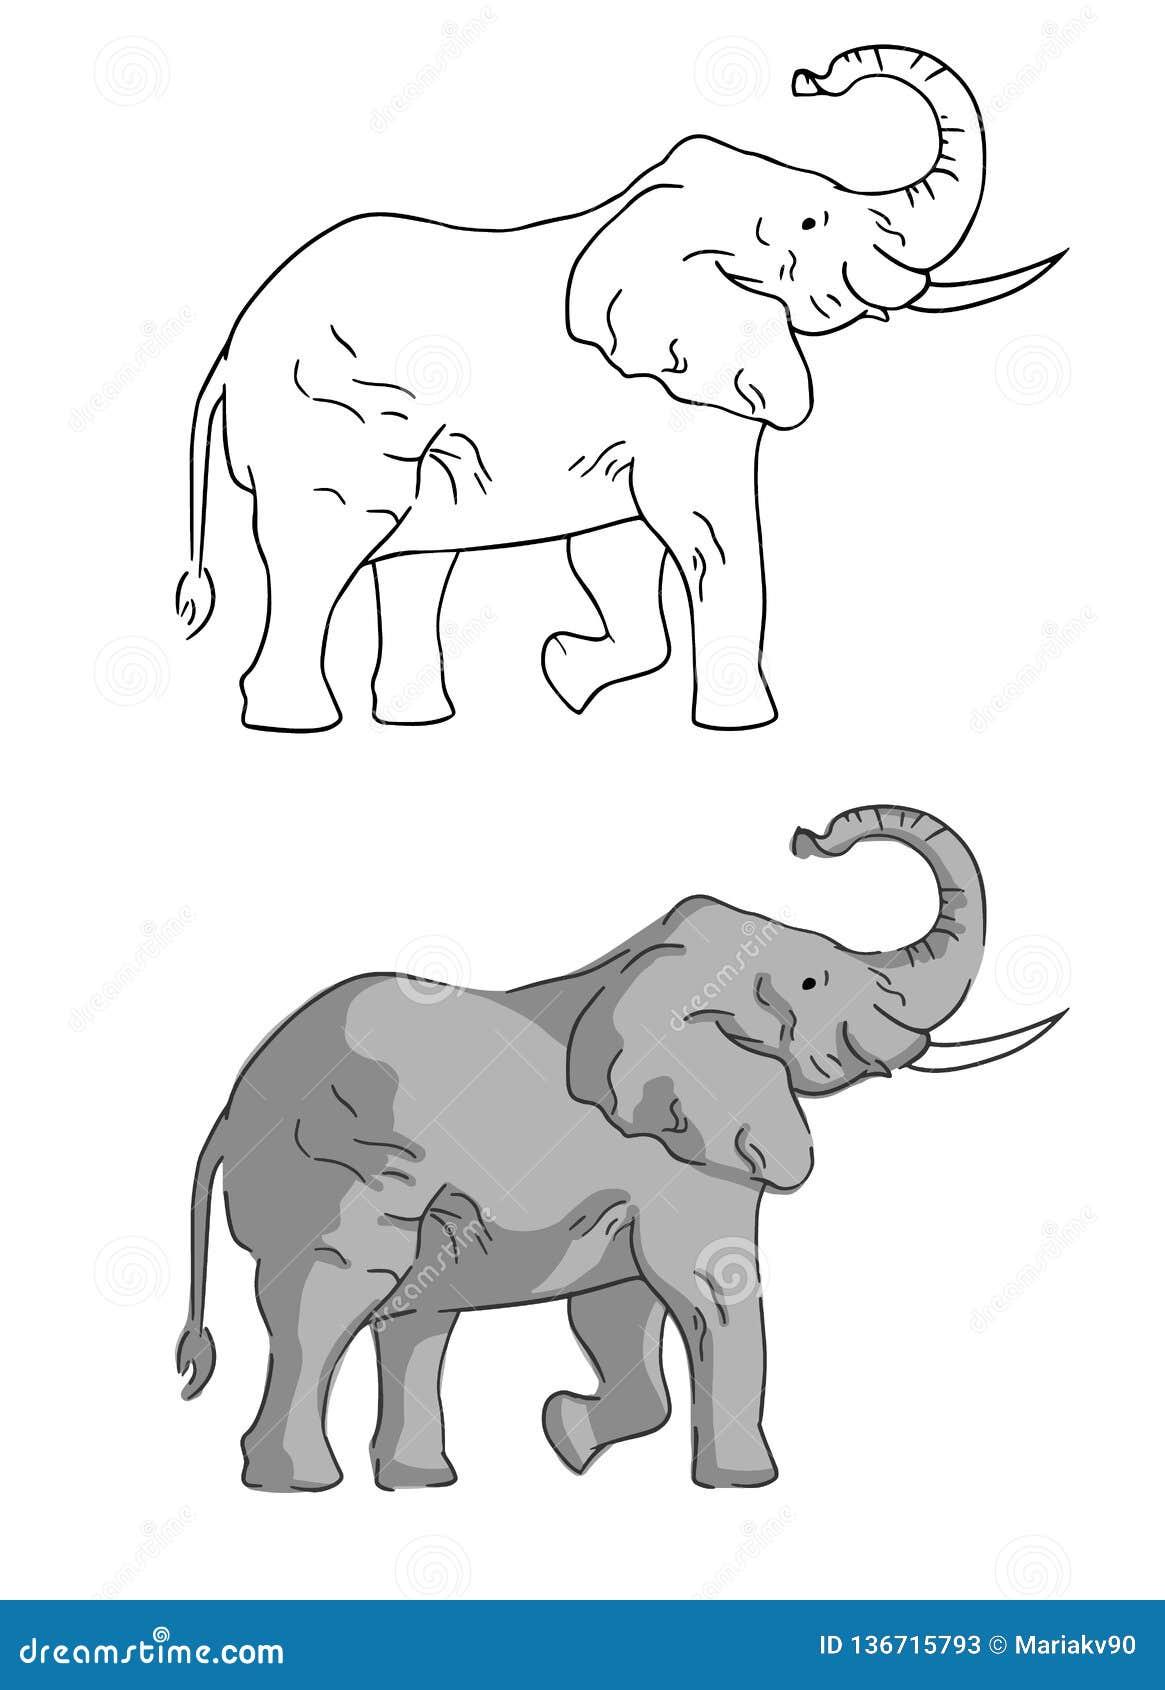 Dwa słonia na białym tle rysującym prostym stylem